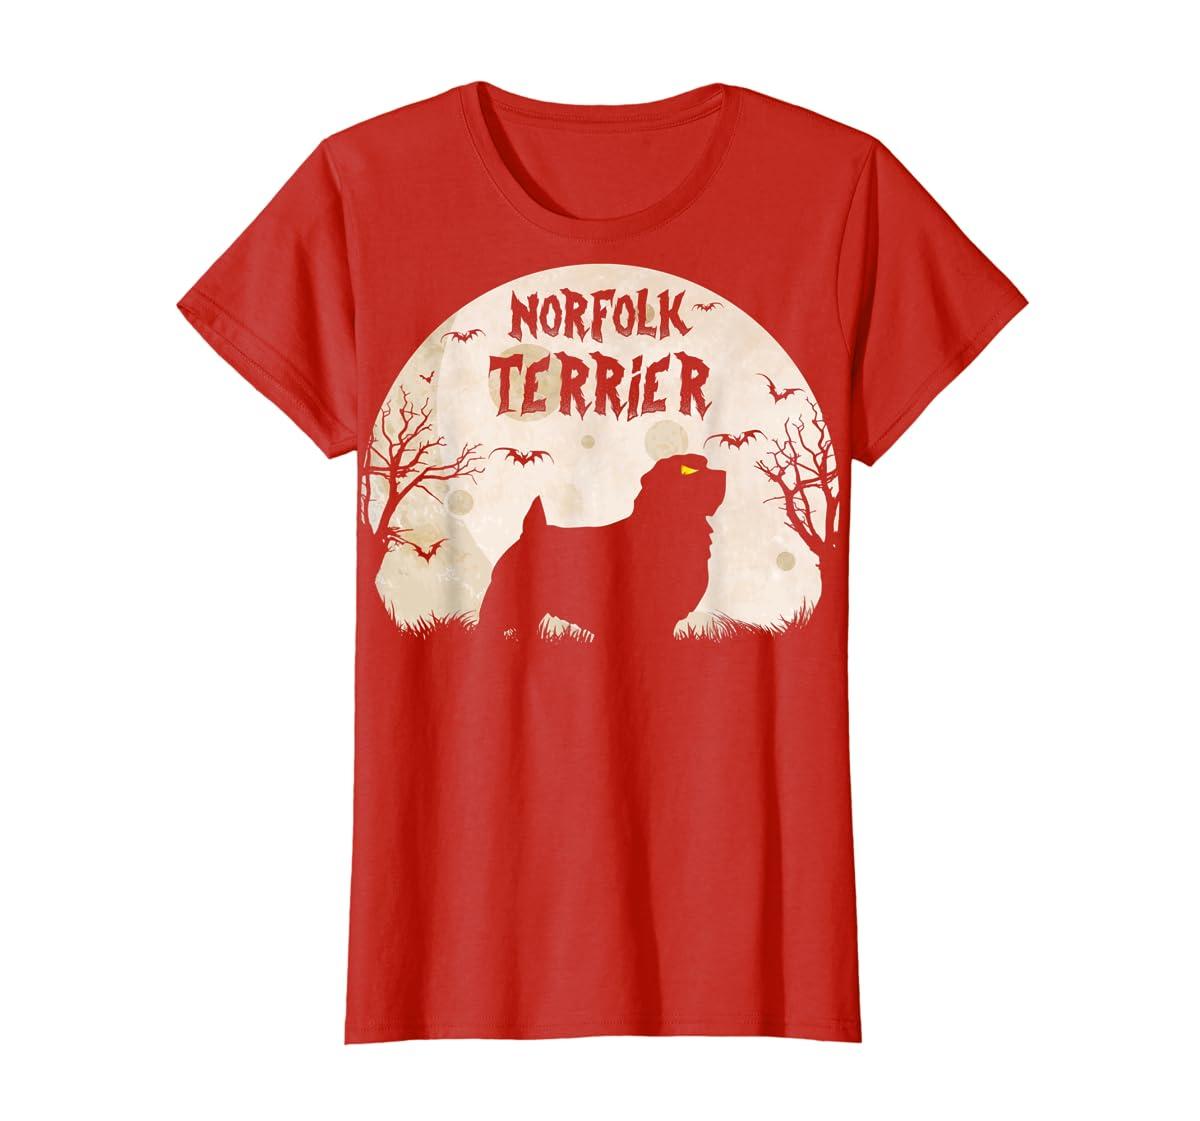 Halloween Horror Norfolk Terrier T-Shirt-Women's T-Shirt-Red